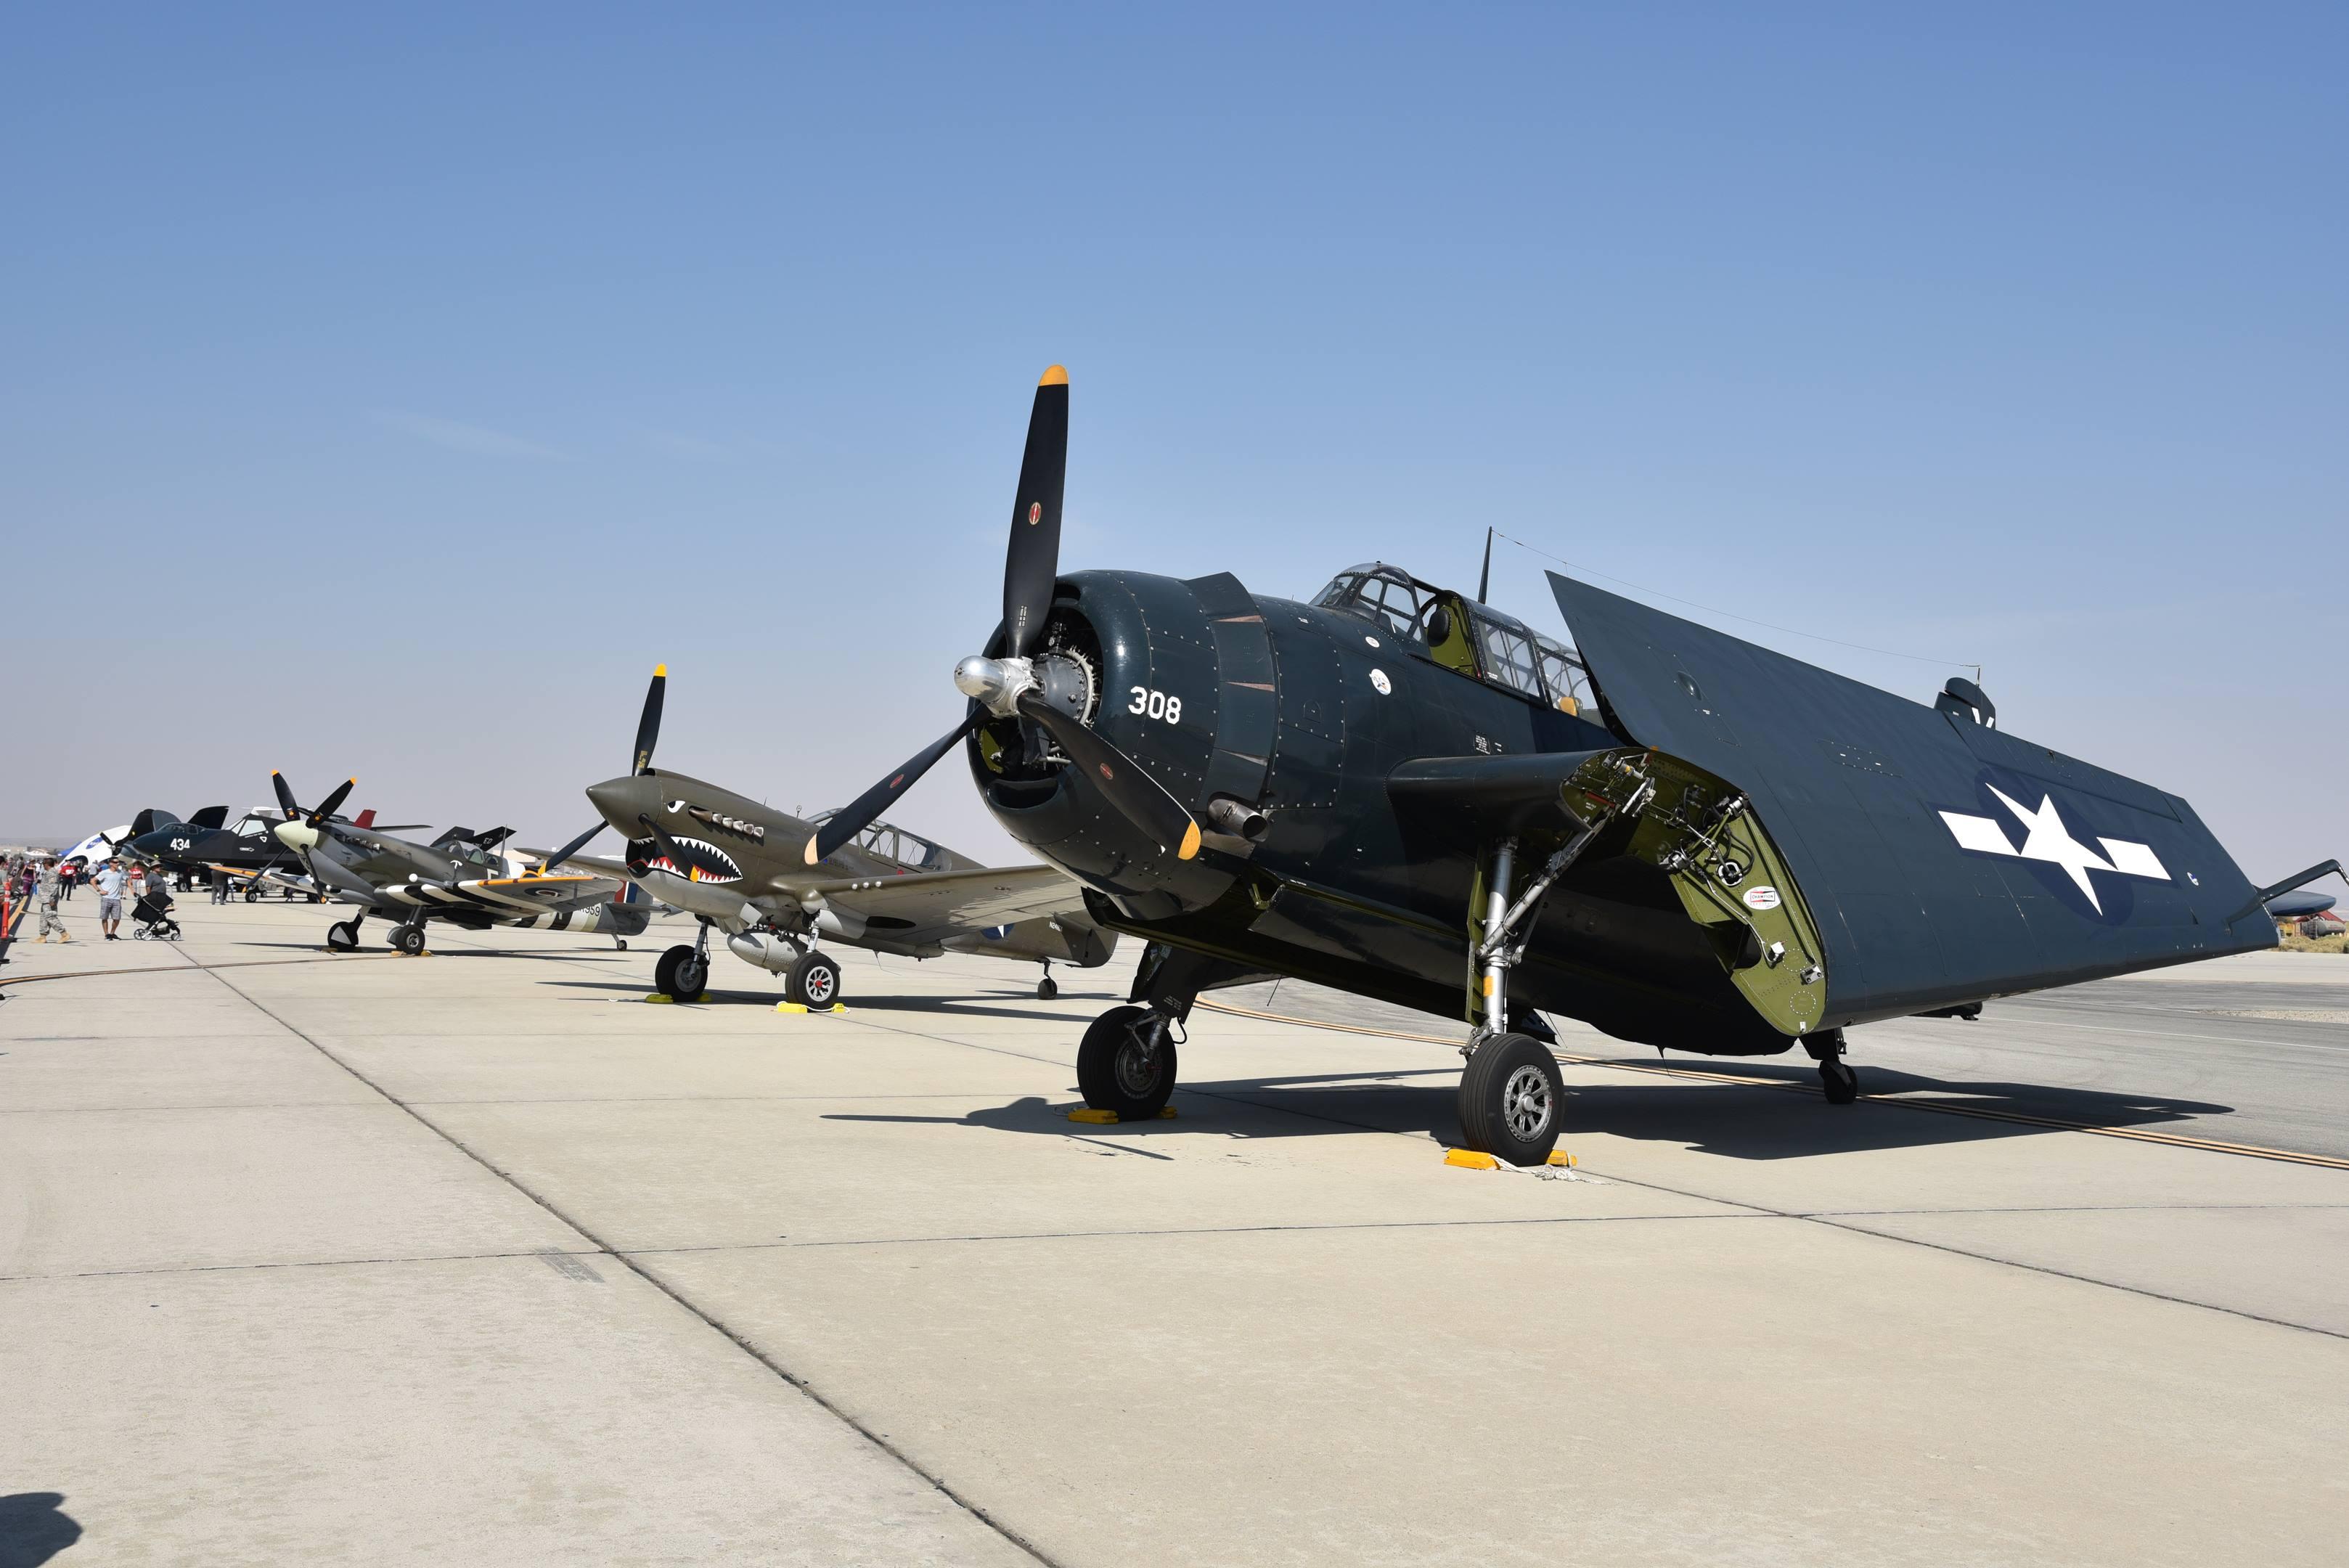 grumman avenger p40 warhawk supermarine spitfire